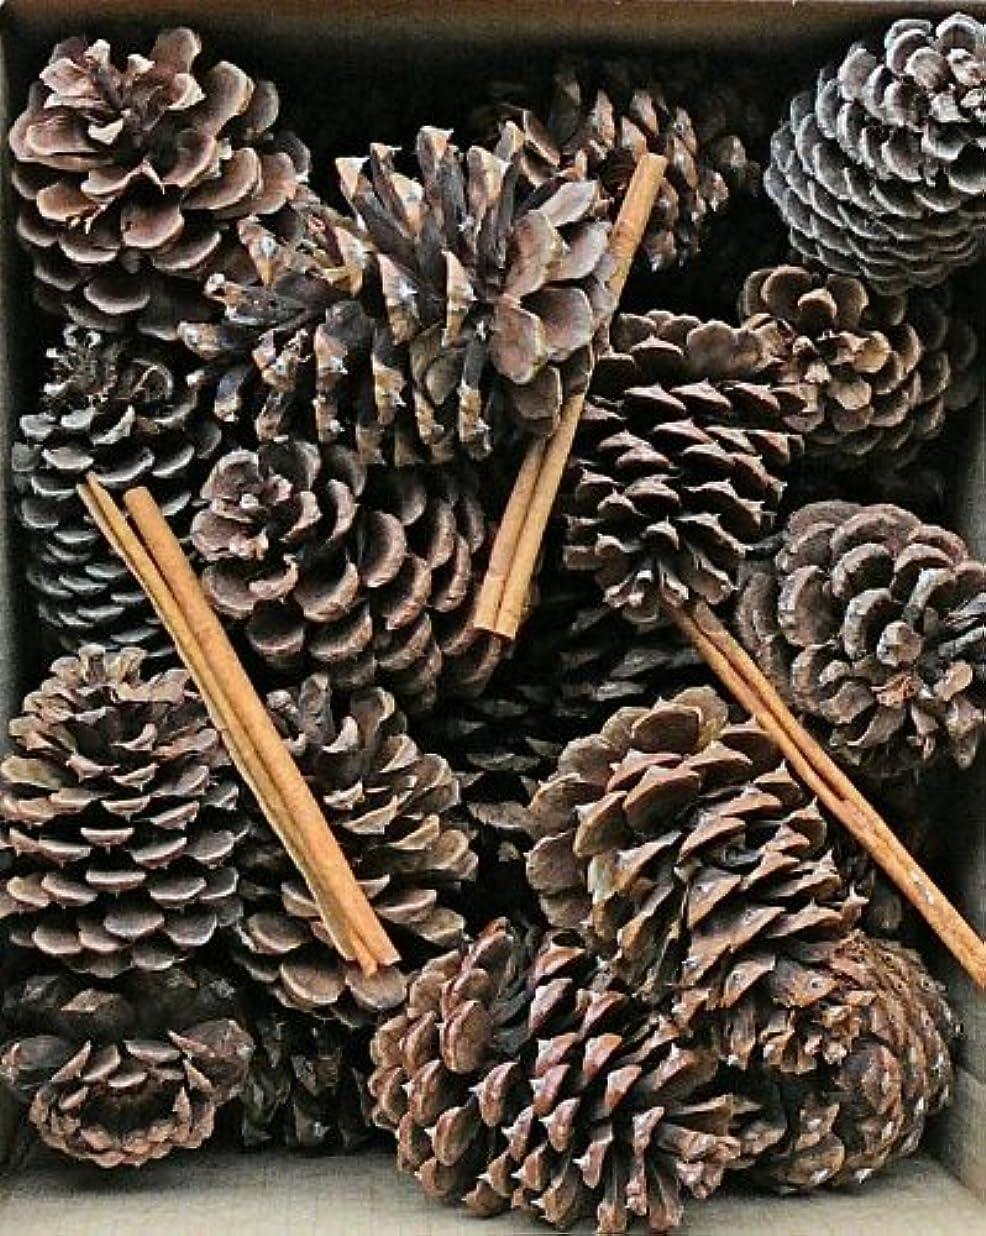 反映する外国人コイルCinnamon Scented Pine Cones with Cinnamon Sticks 30 perボックスブラウン(ナチュラル) Case of 180 pine cones